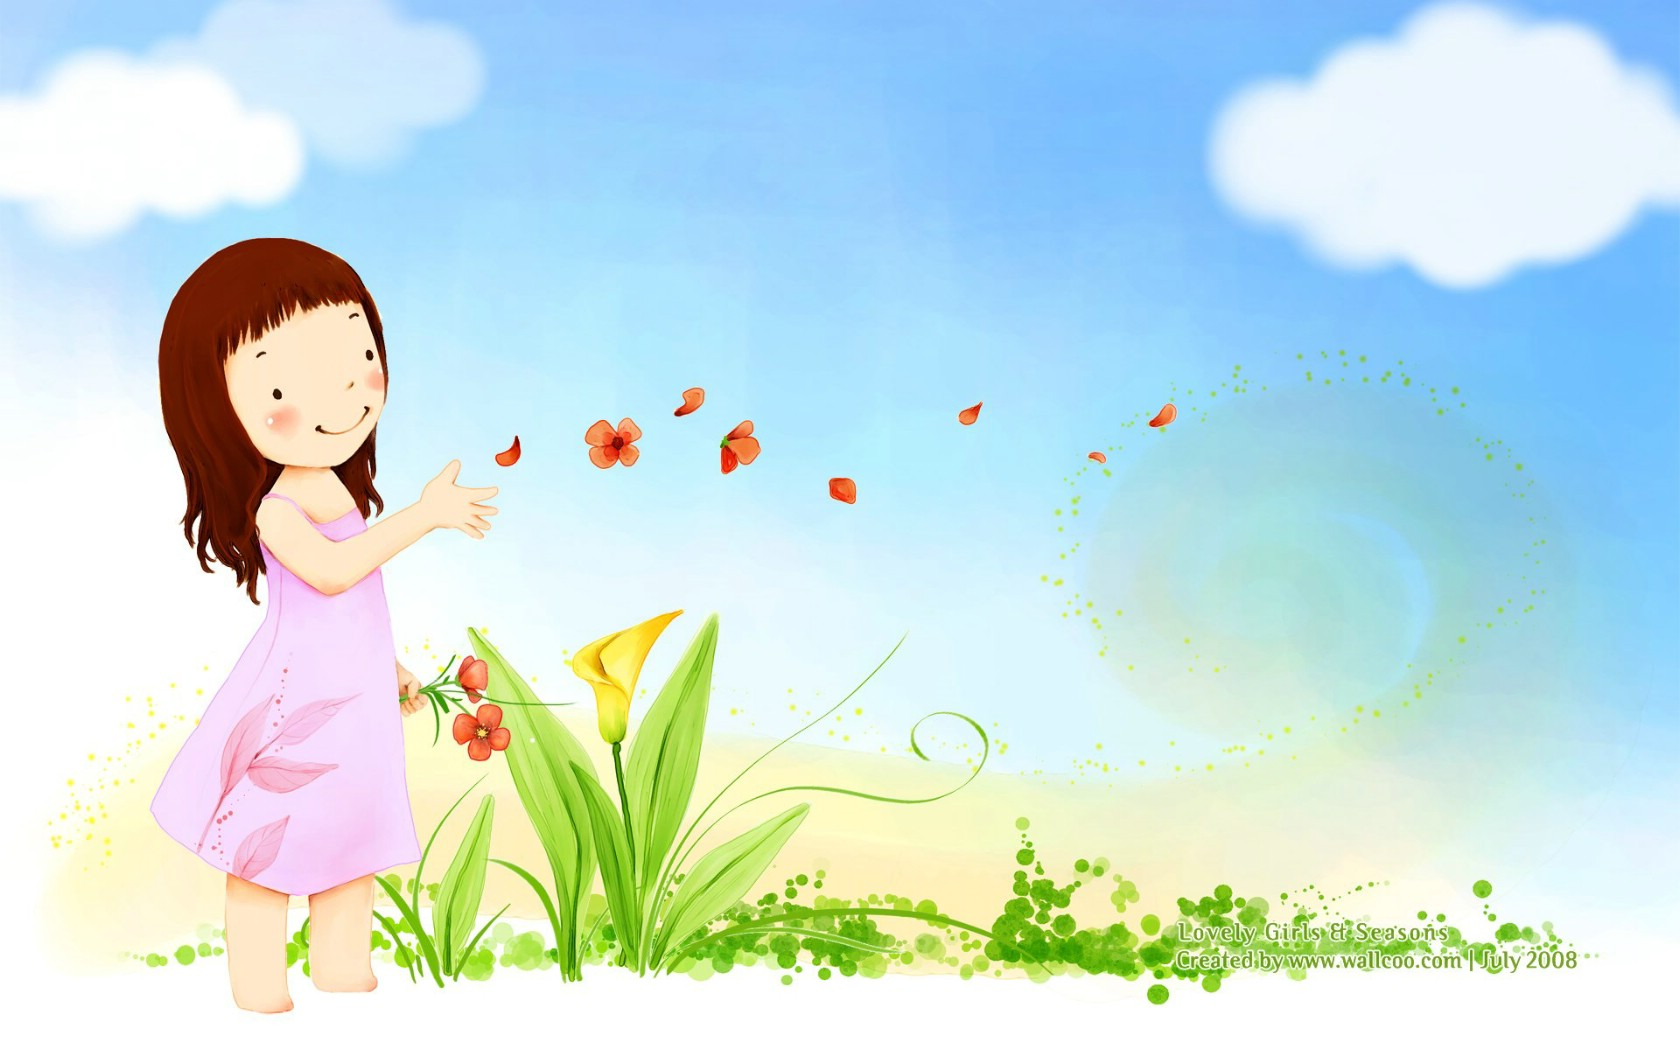 韩国人气宝宝萌萌哒可爱图片-27270图片大全_韩国可爱小女孩图片